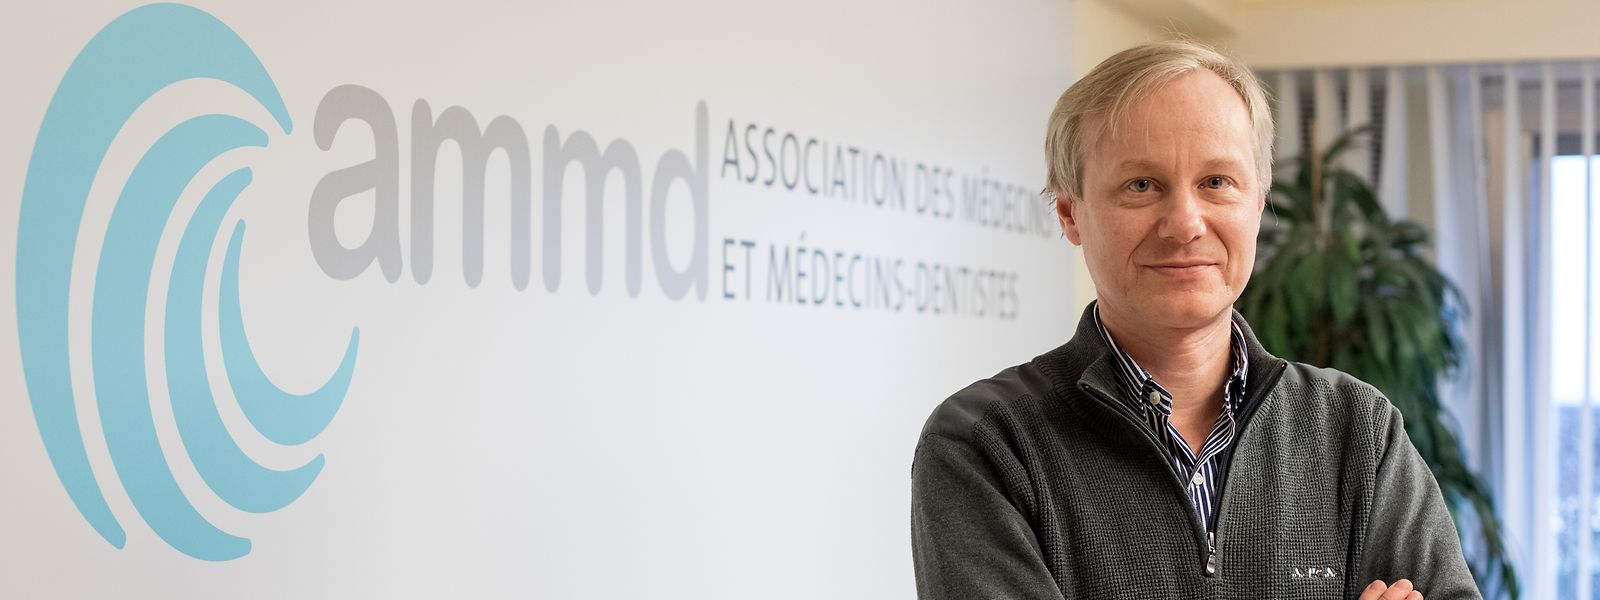 Die Entlastung der Krankenhausstrukturen ist eine der Maßnahmen, die für eine attraktive, zeitgemäße und patientennahe Versorgung notwendig ist, meint AMMD-Präsident Alain Schmit.